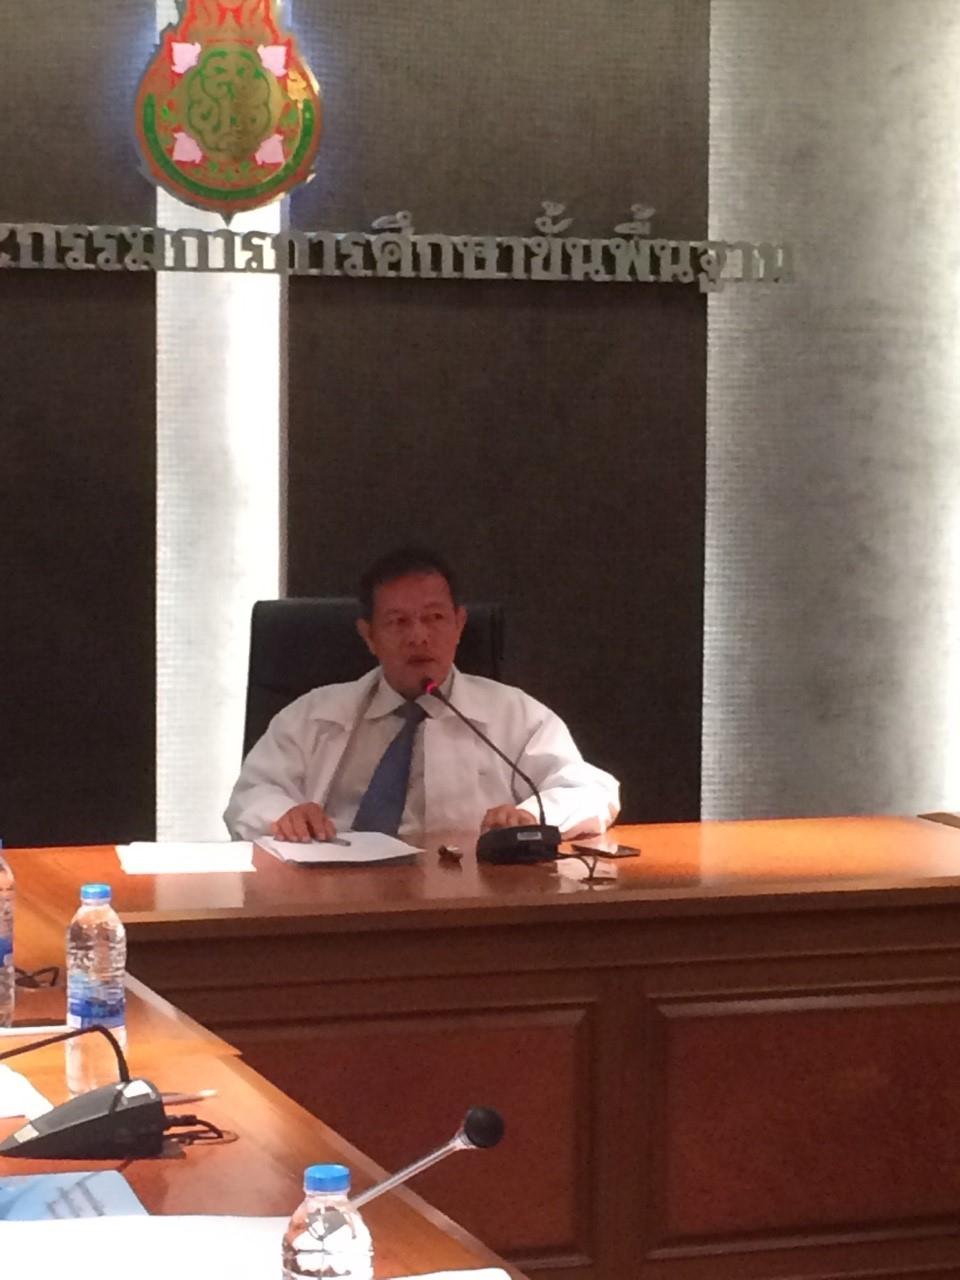 การประชุมเชิงปฏิบัติการ คณะทำงานดำเนินโครงการตามพระราชบัญญัติการอำนวยความสะดวกในการพิจารณาอนุญาตของทางราชการ พ.ศ.2558 ระดับ สพป. สพม. และสถานศึกษา ครั้งที่ 1 วันที่ 3-5 มิถุนายน 2558 ณ ห้องประชุม สพฐ.2 อาคาร สพฐ.5 ชั้น 9